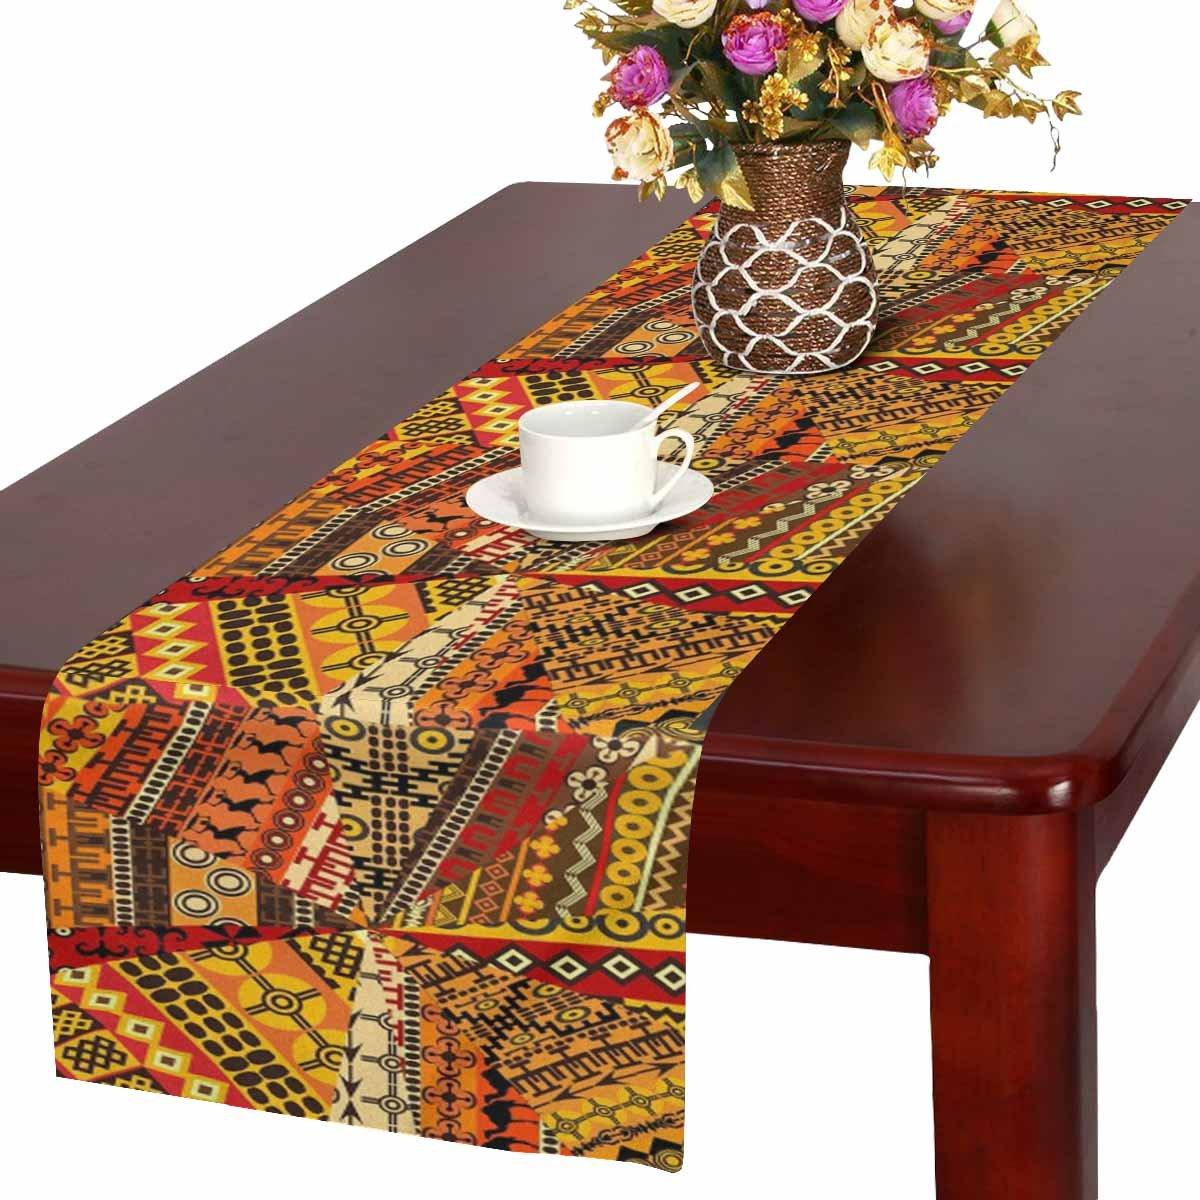 interestprint抽象アフリカマップのエスニック背景テーブルランナーコットンリネン布プレースマットfor Officeキッチンダイニングウェディングパーティー宴会16 x 72インチ 16 x 72 Inches TR0150-E16in  デザイン#5 B07F128T45